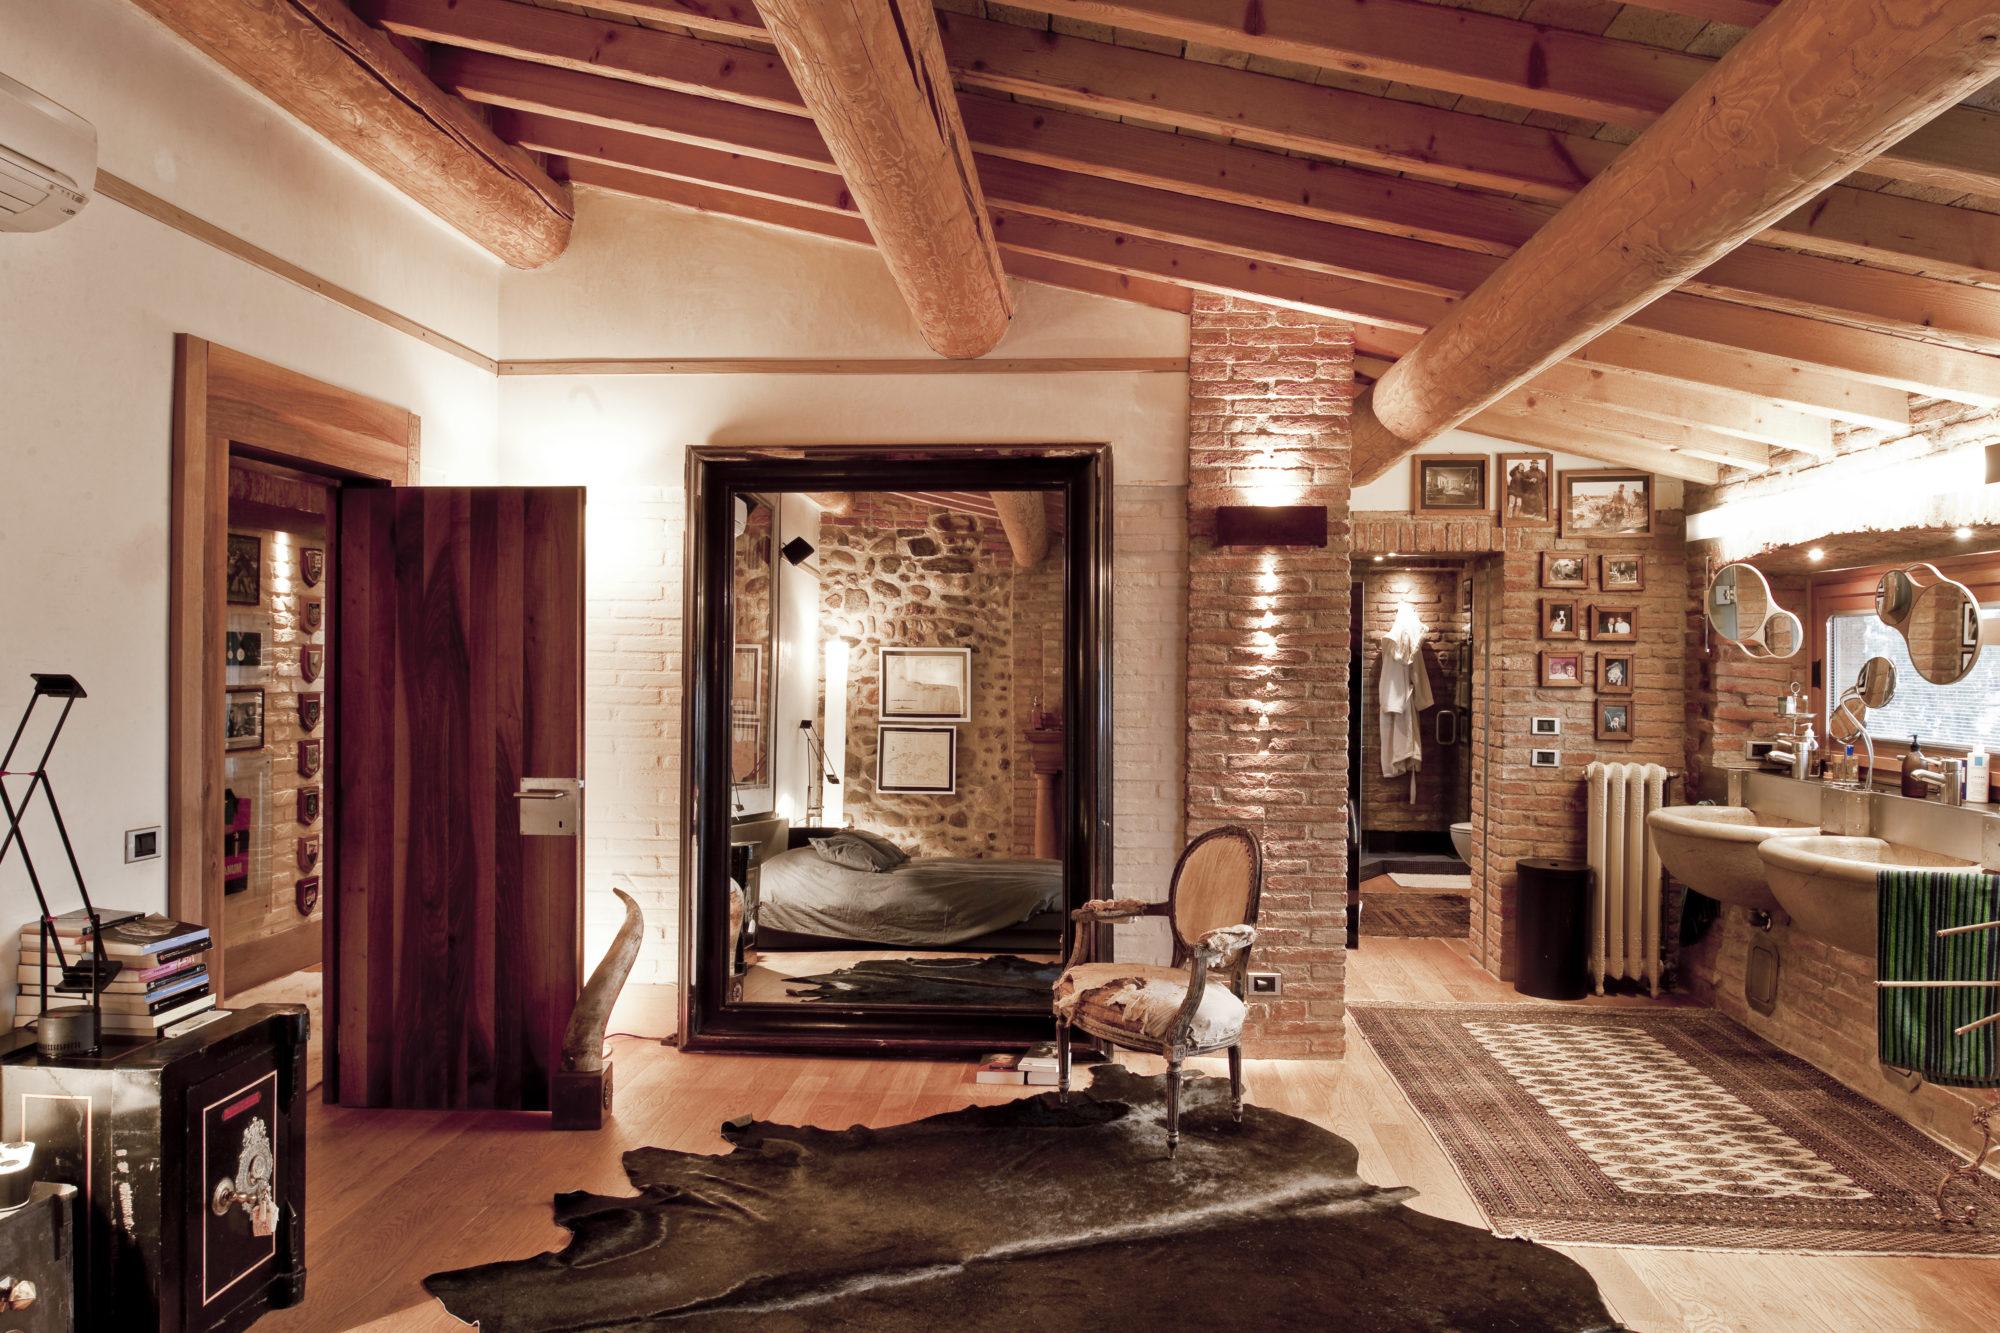 Casa di campagna interno fotografo brescia ottavio tomasini for Immagini di arredamento casa